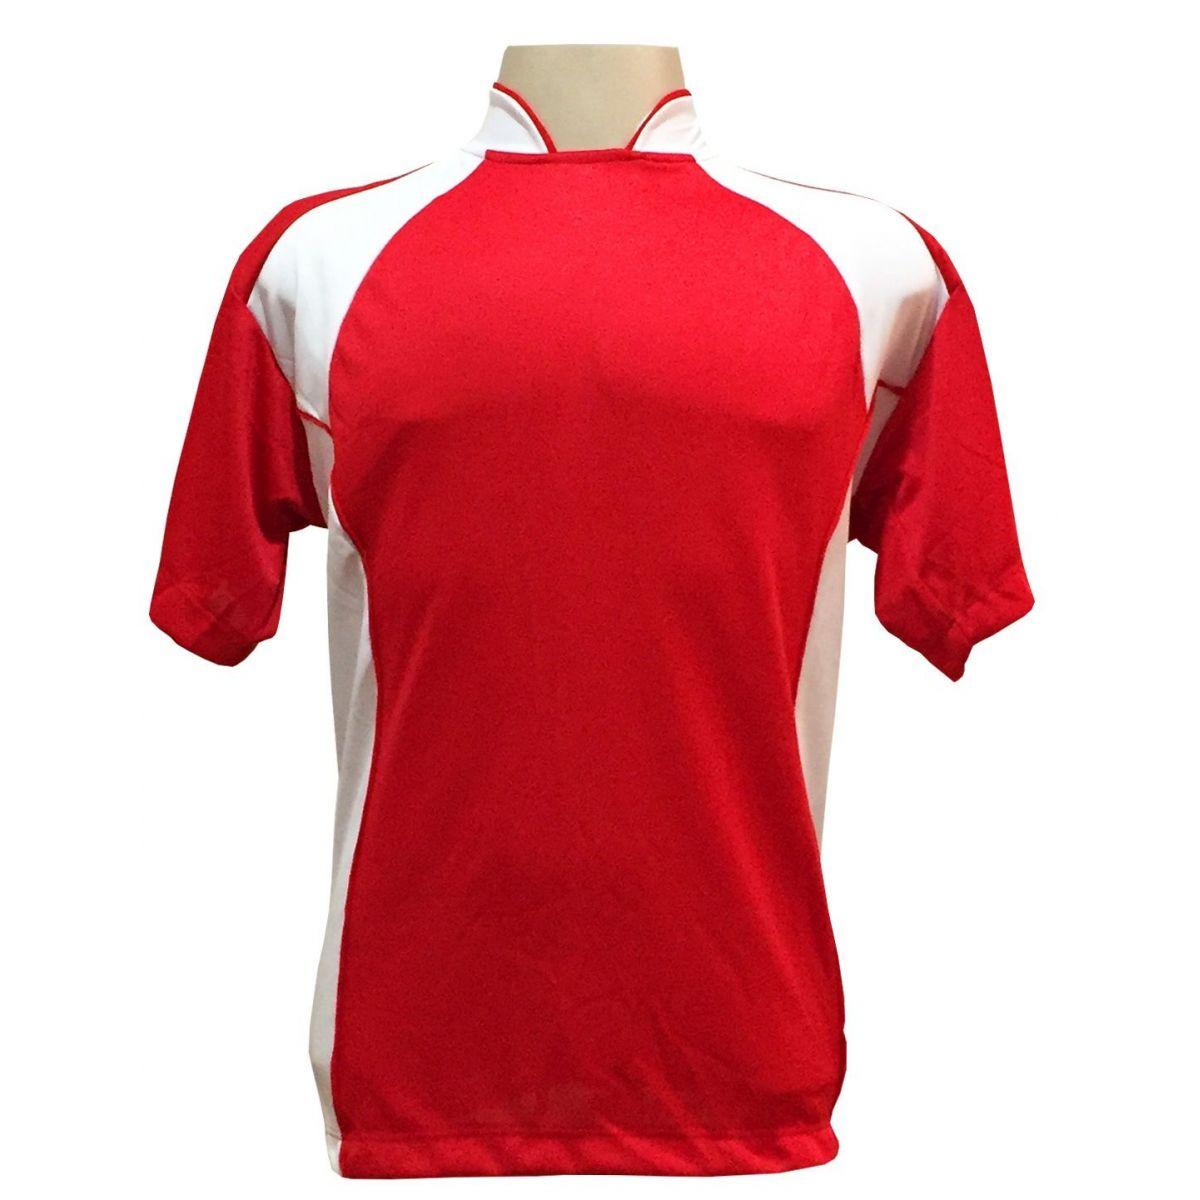 Uniforme Esportivo Completo modelo Suécia 14+1 (14 camisas Vermelho/Branco + 14 calções Madrid Vermelho + 14 pares de meiões Brancos + 1 conjunto de goleiro) + Brindes